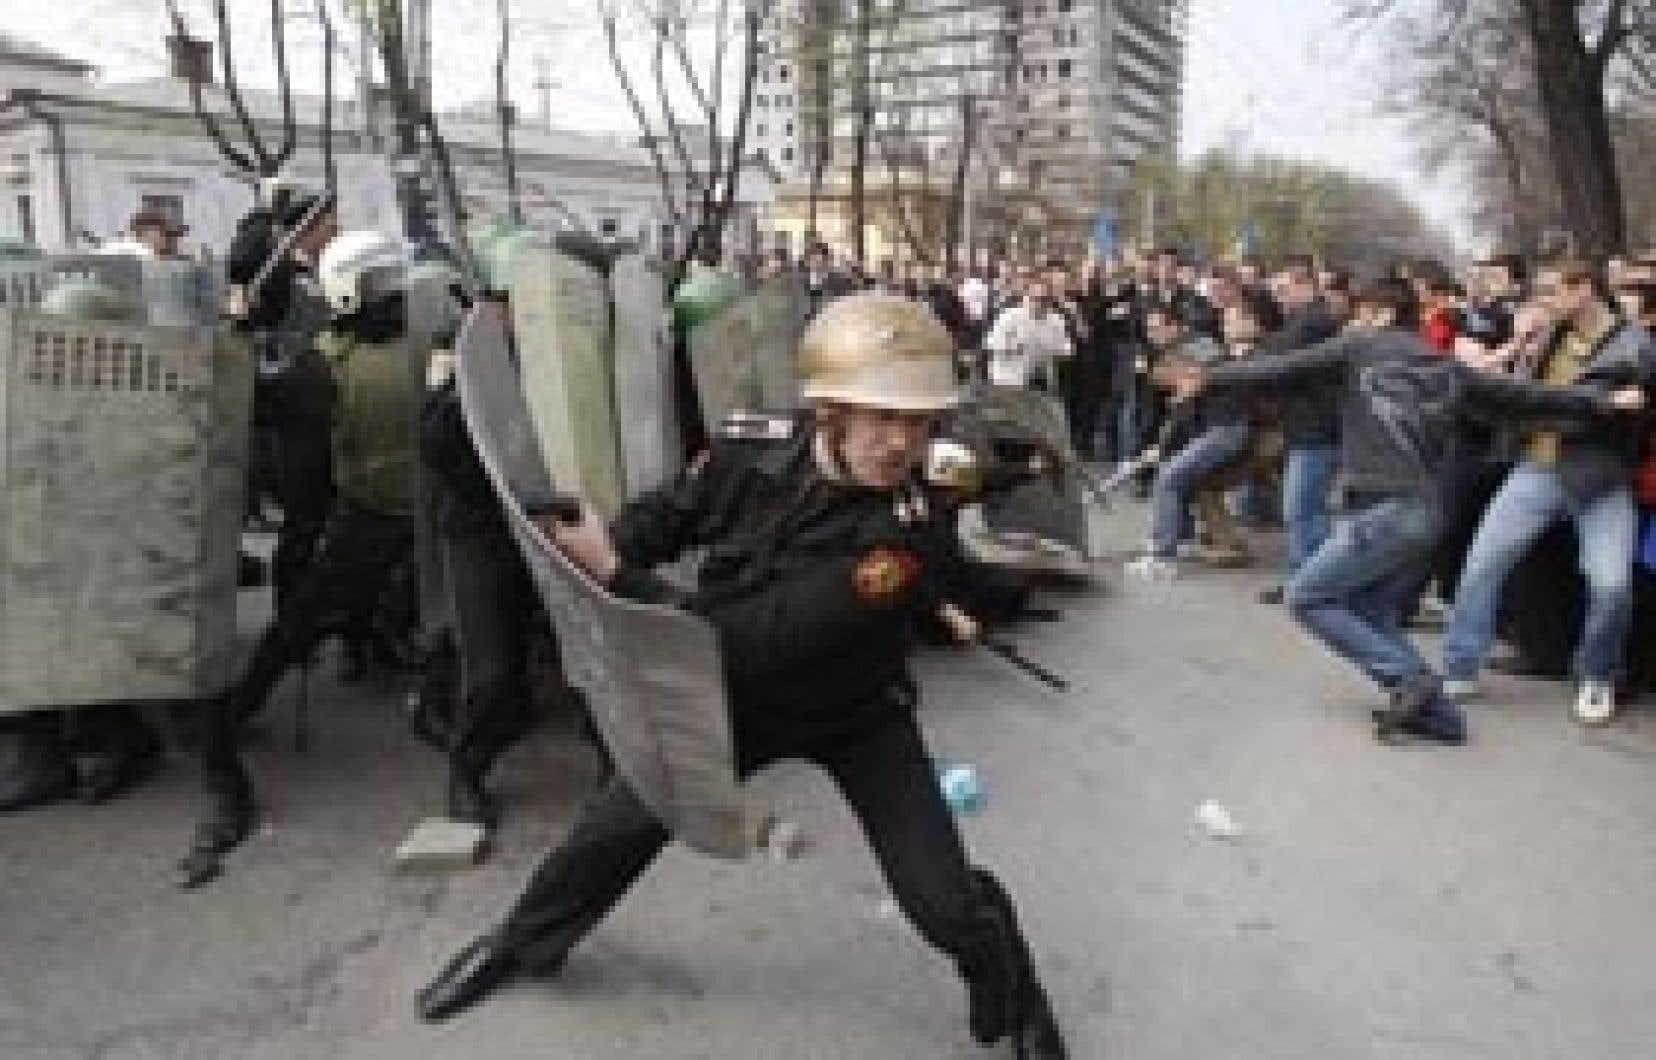 Pour la deuxième journée, les affrontements ont été violents hier, à Chisinau.